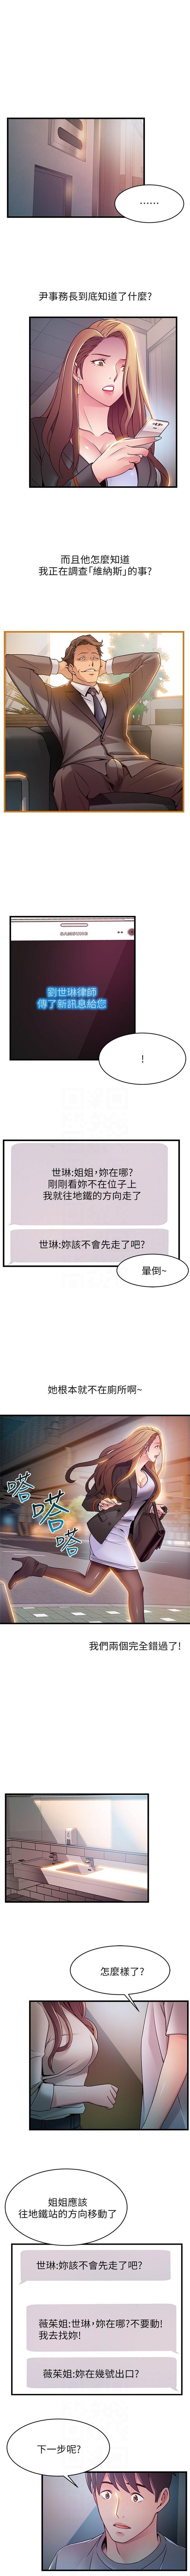 (周7)弱点 1-66 中文翻译(更新中) 280